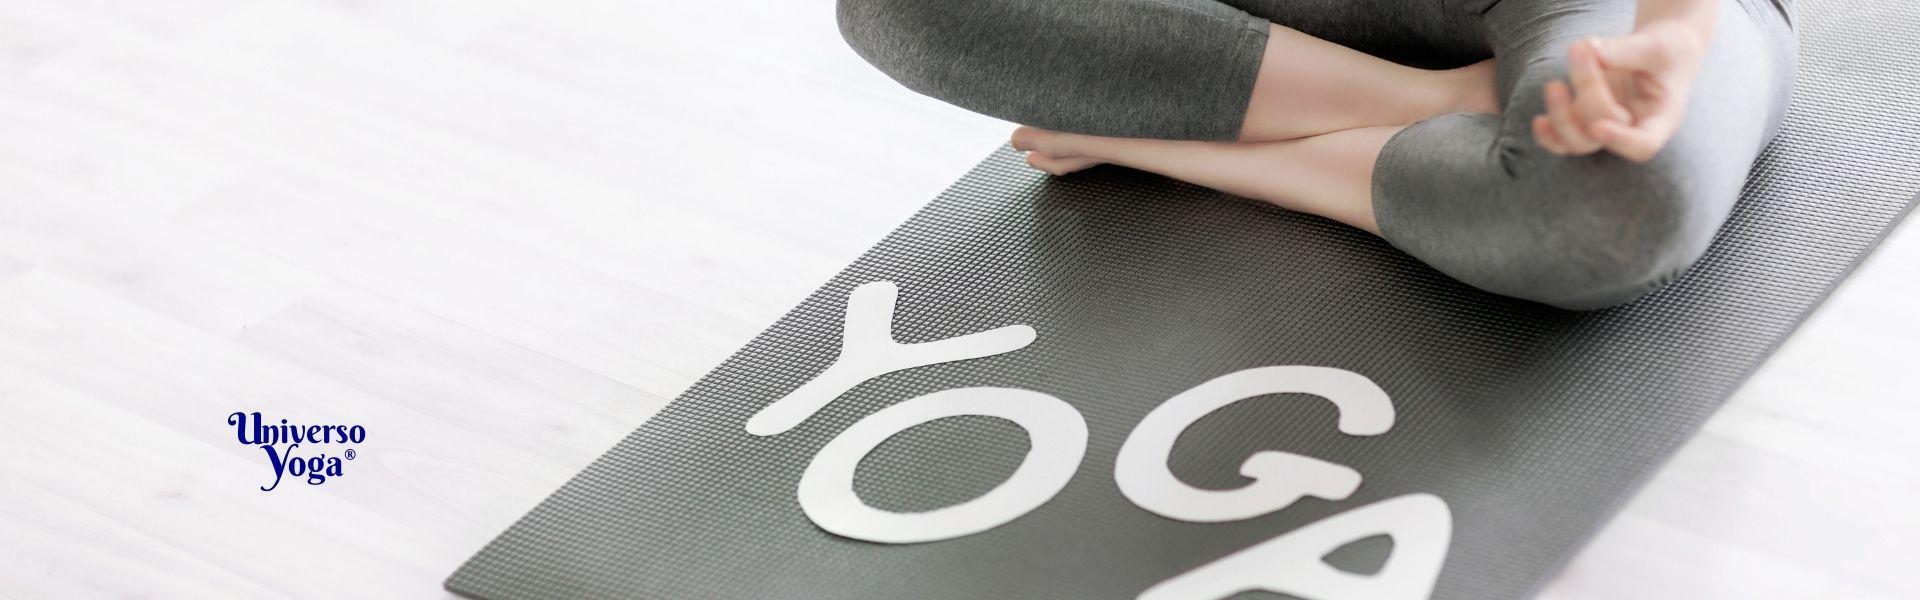 qué es yoga y para qué sirve 2